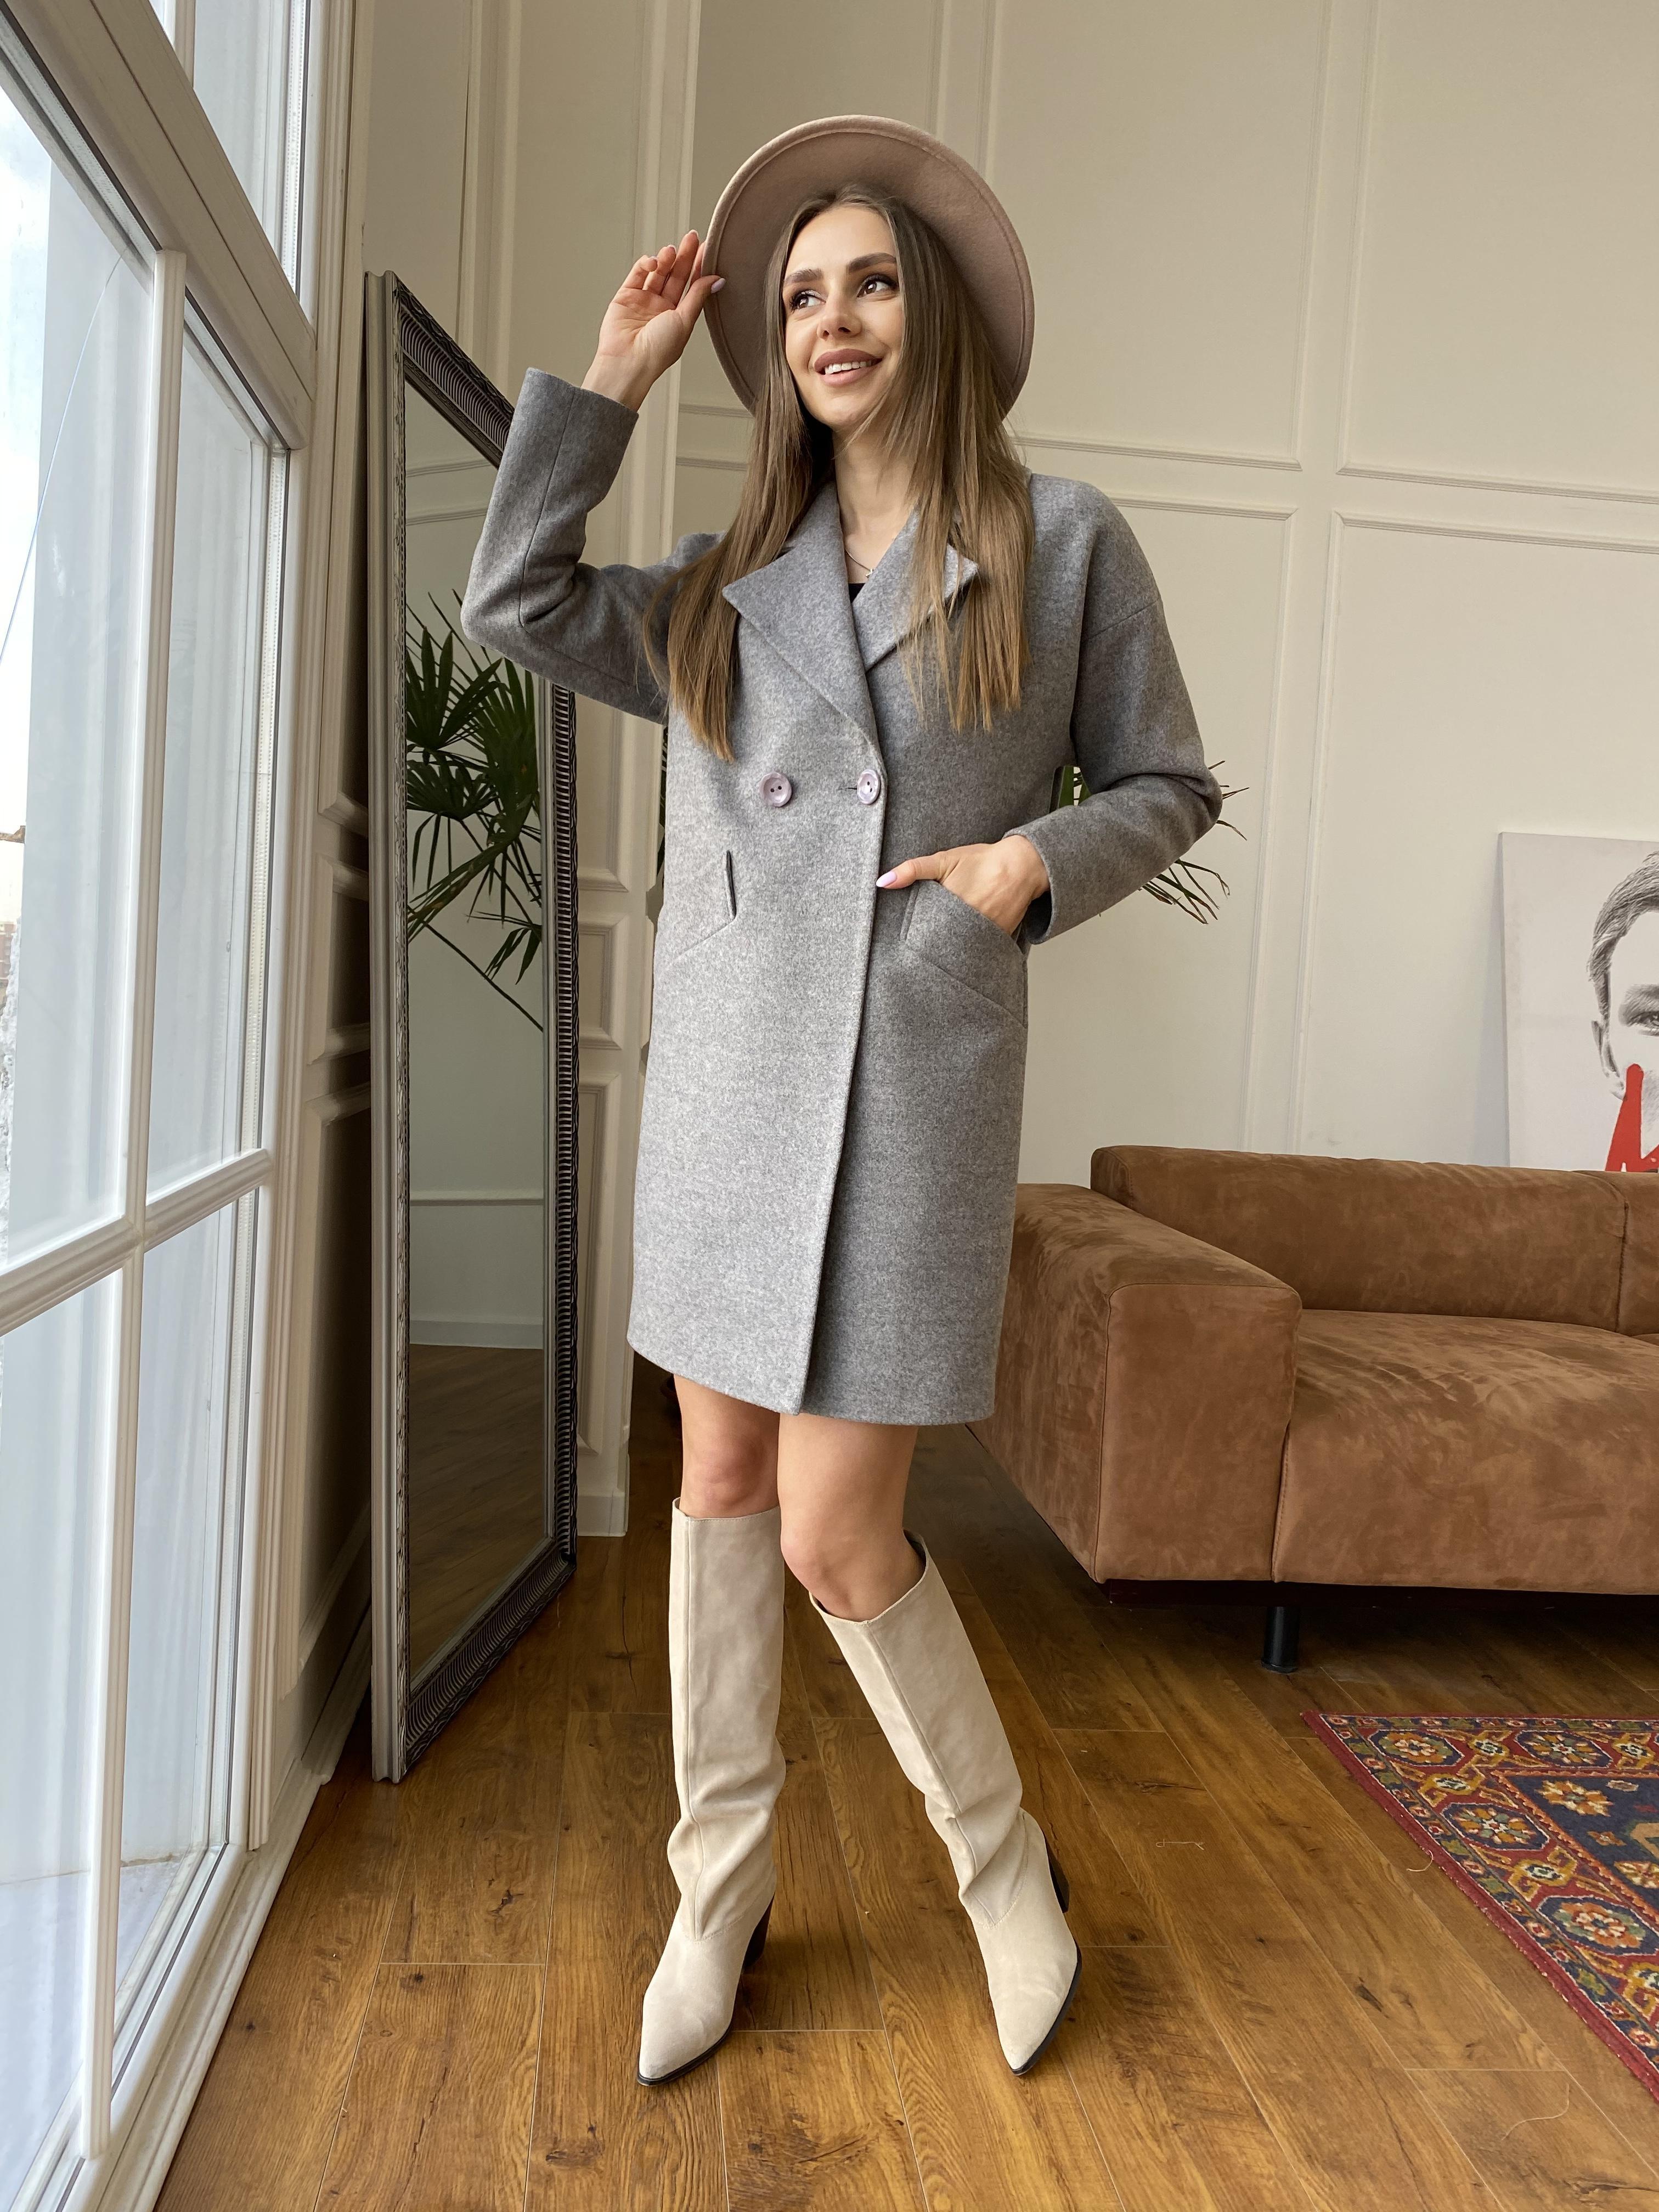 Сенсей пальто из кашемира меланж  10745 АРТ. 47224 Цвет: Карамель 20/1 - фото 1, интернет магазин tm-modus.ru